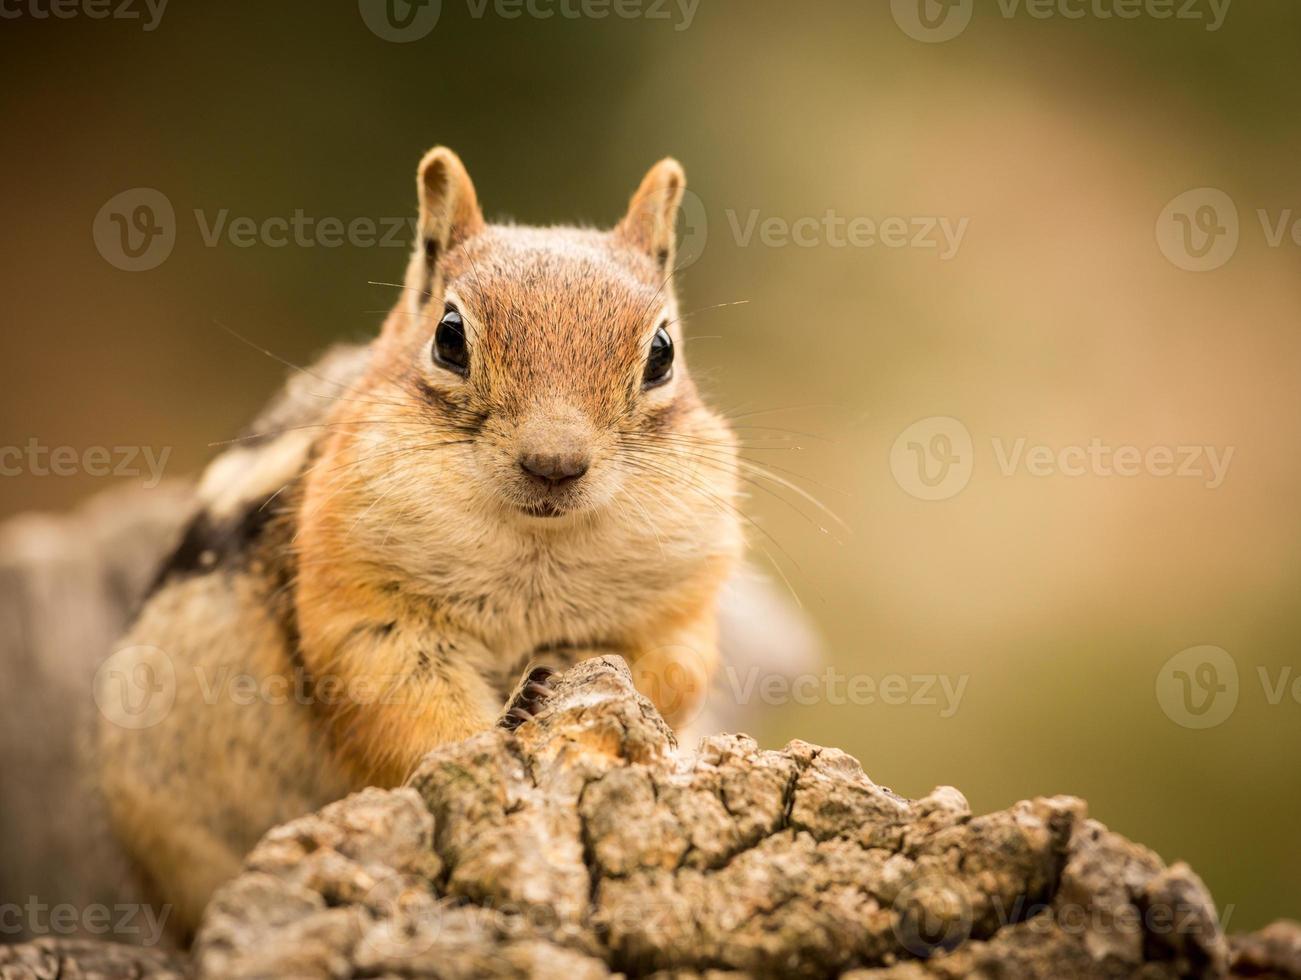 süßer Streifenhörnchen, gut gefüttert von Nüssen und Samen foto